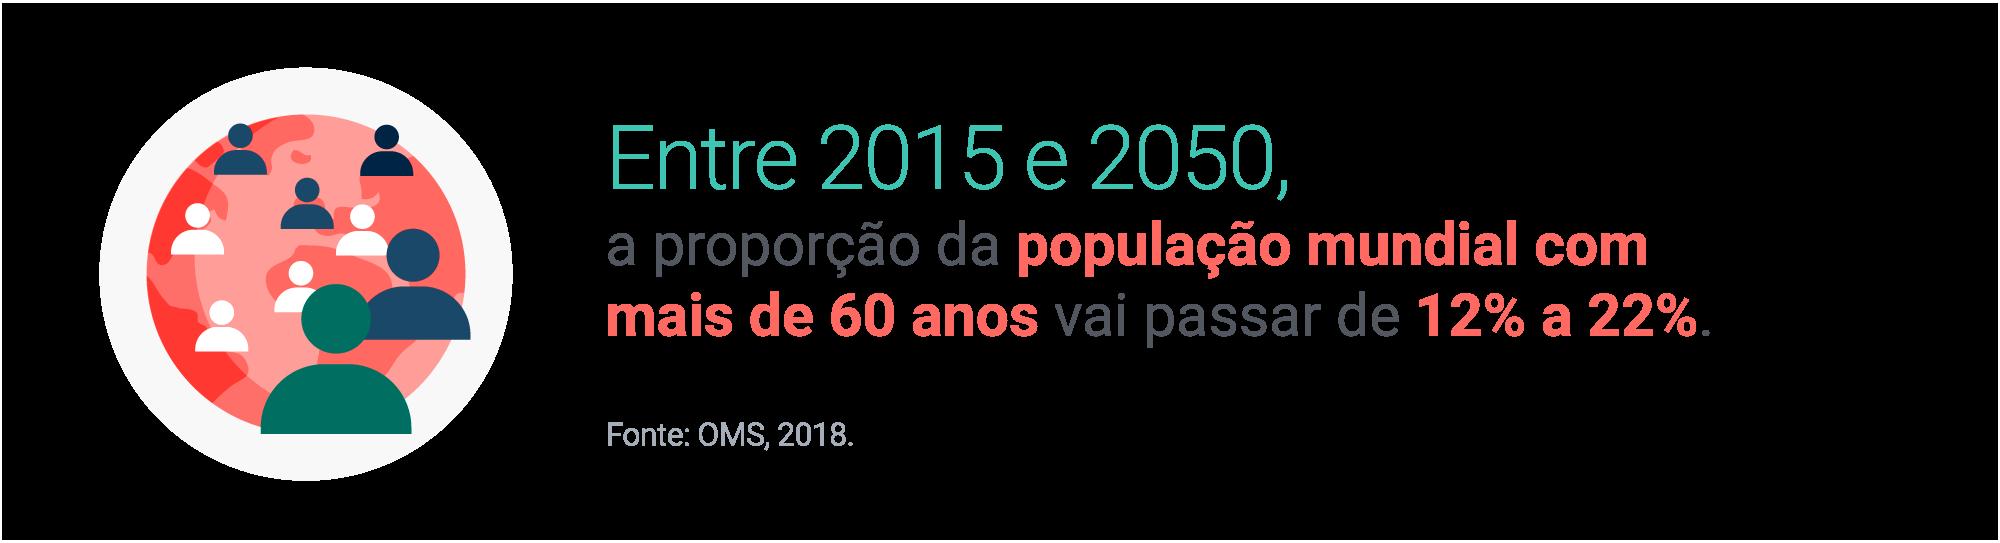 Entre 2015 e 2050, a proporção da população mundial com mais de 60 anos vai passar de 12% a 22%. Fonte: OMS, 2018.